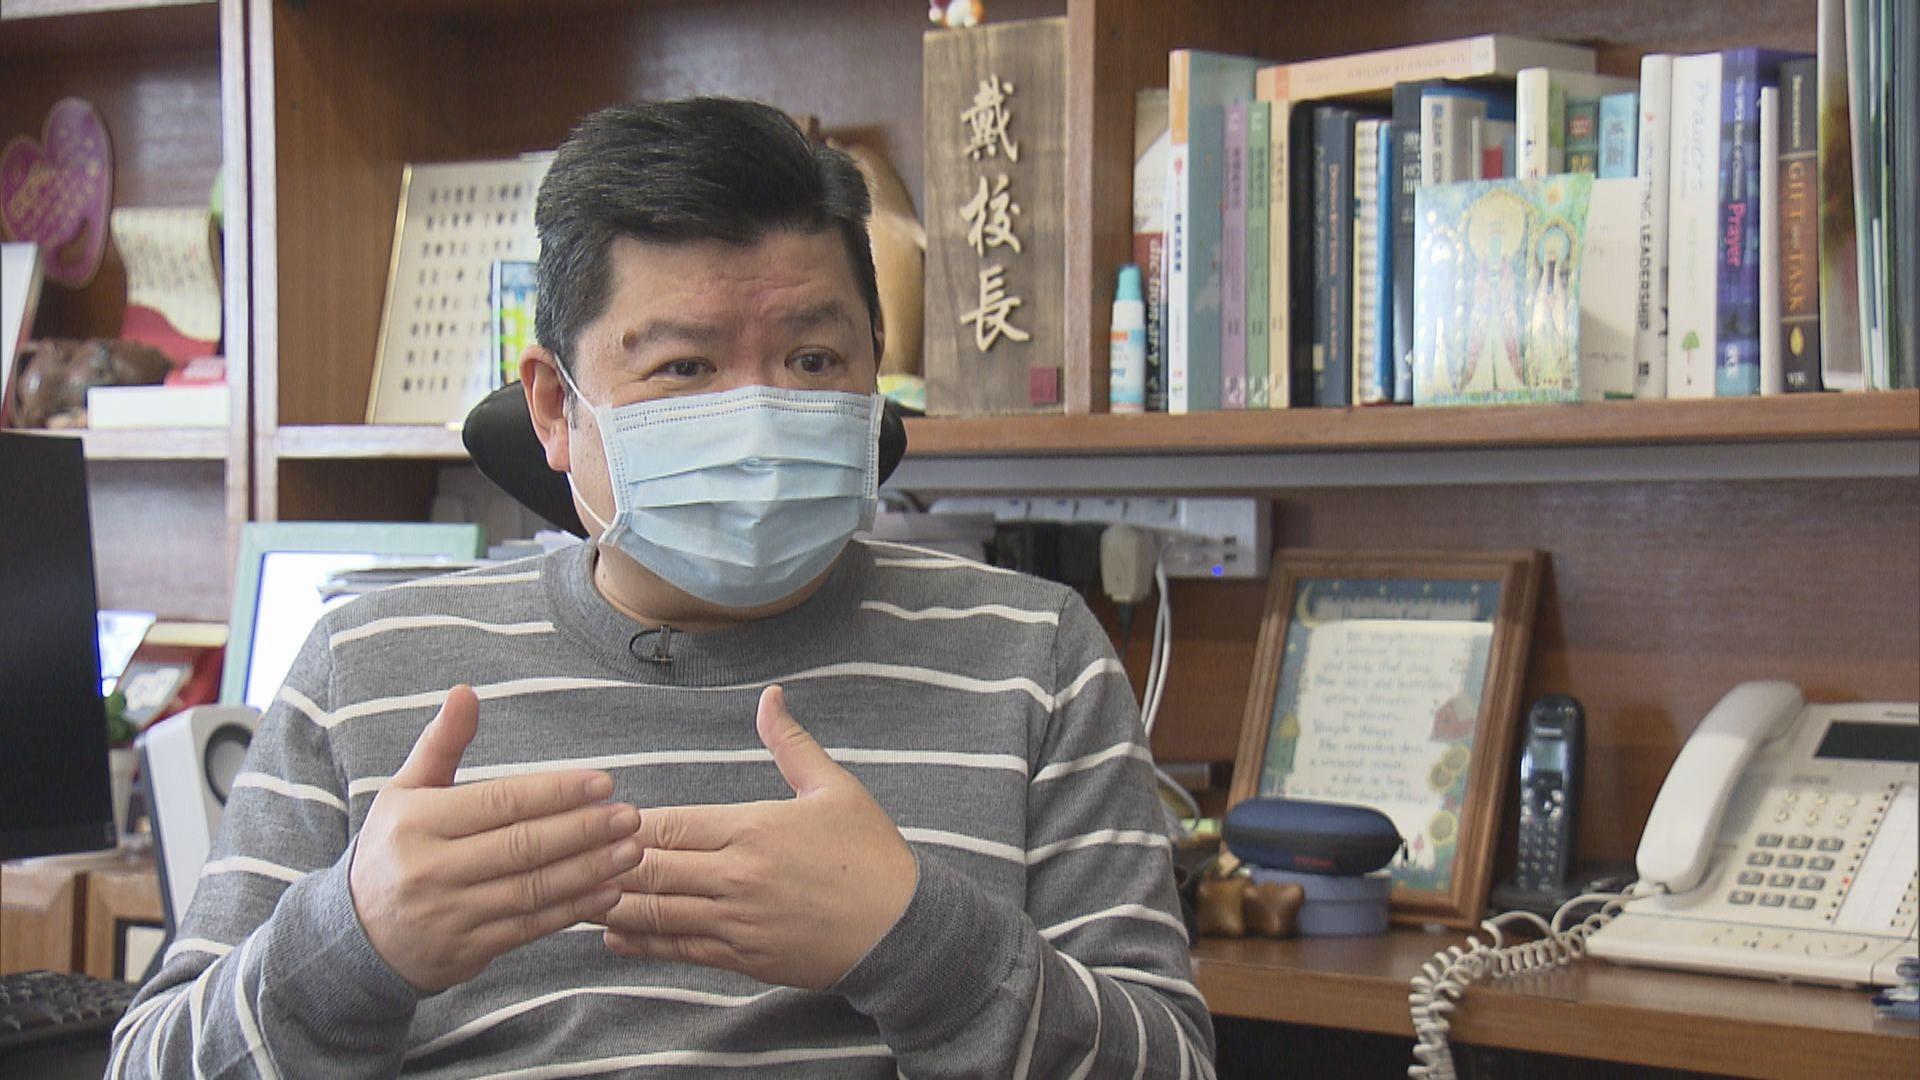 中學校長:確保防疫用品供應乃復課條件之一